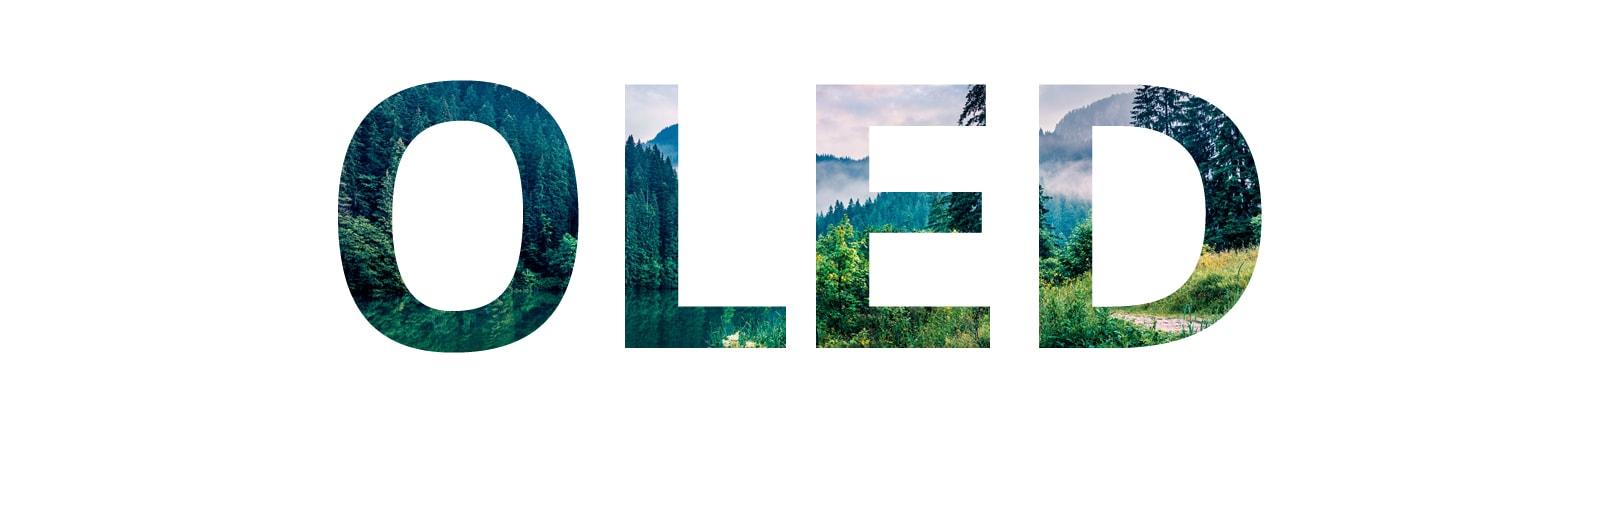 """La parola """"OLED"""" riempita da un'immagine naturalistica che scorre da destra (riproduci il video)"""